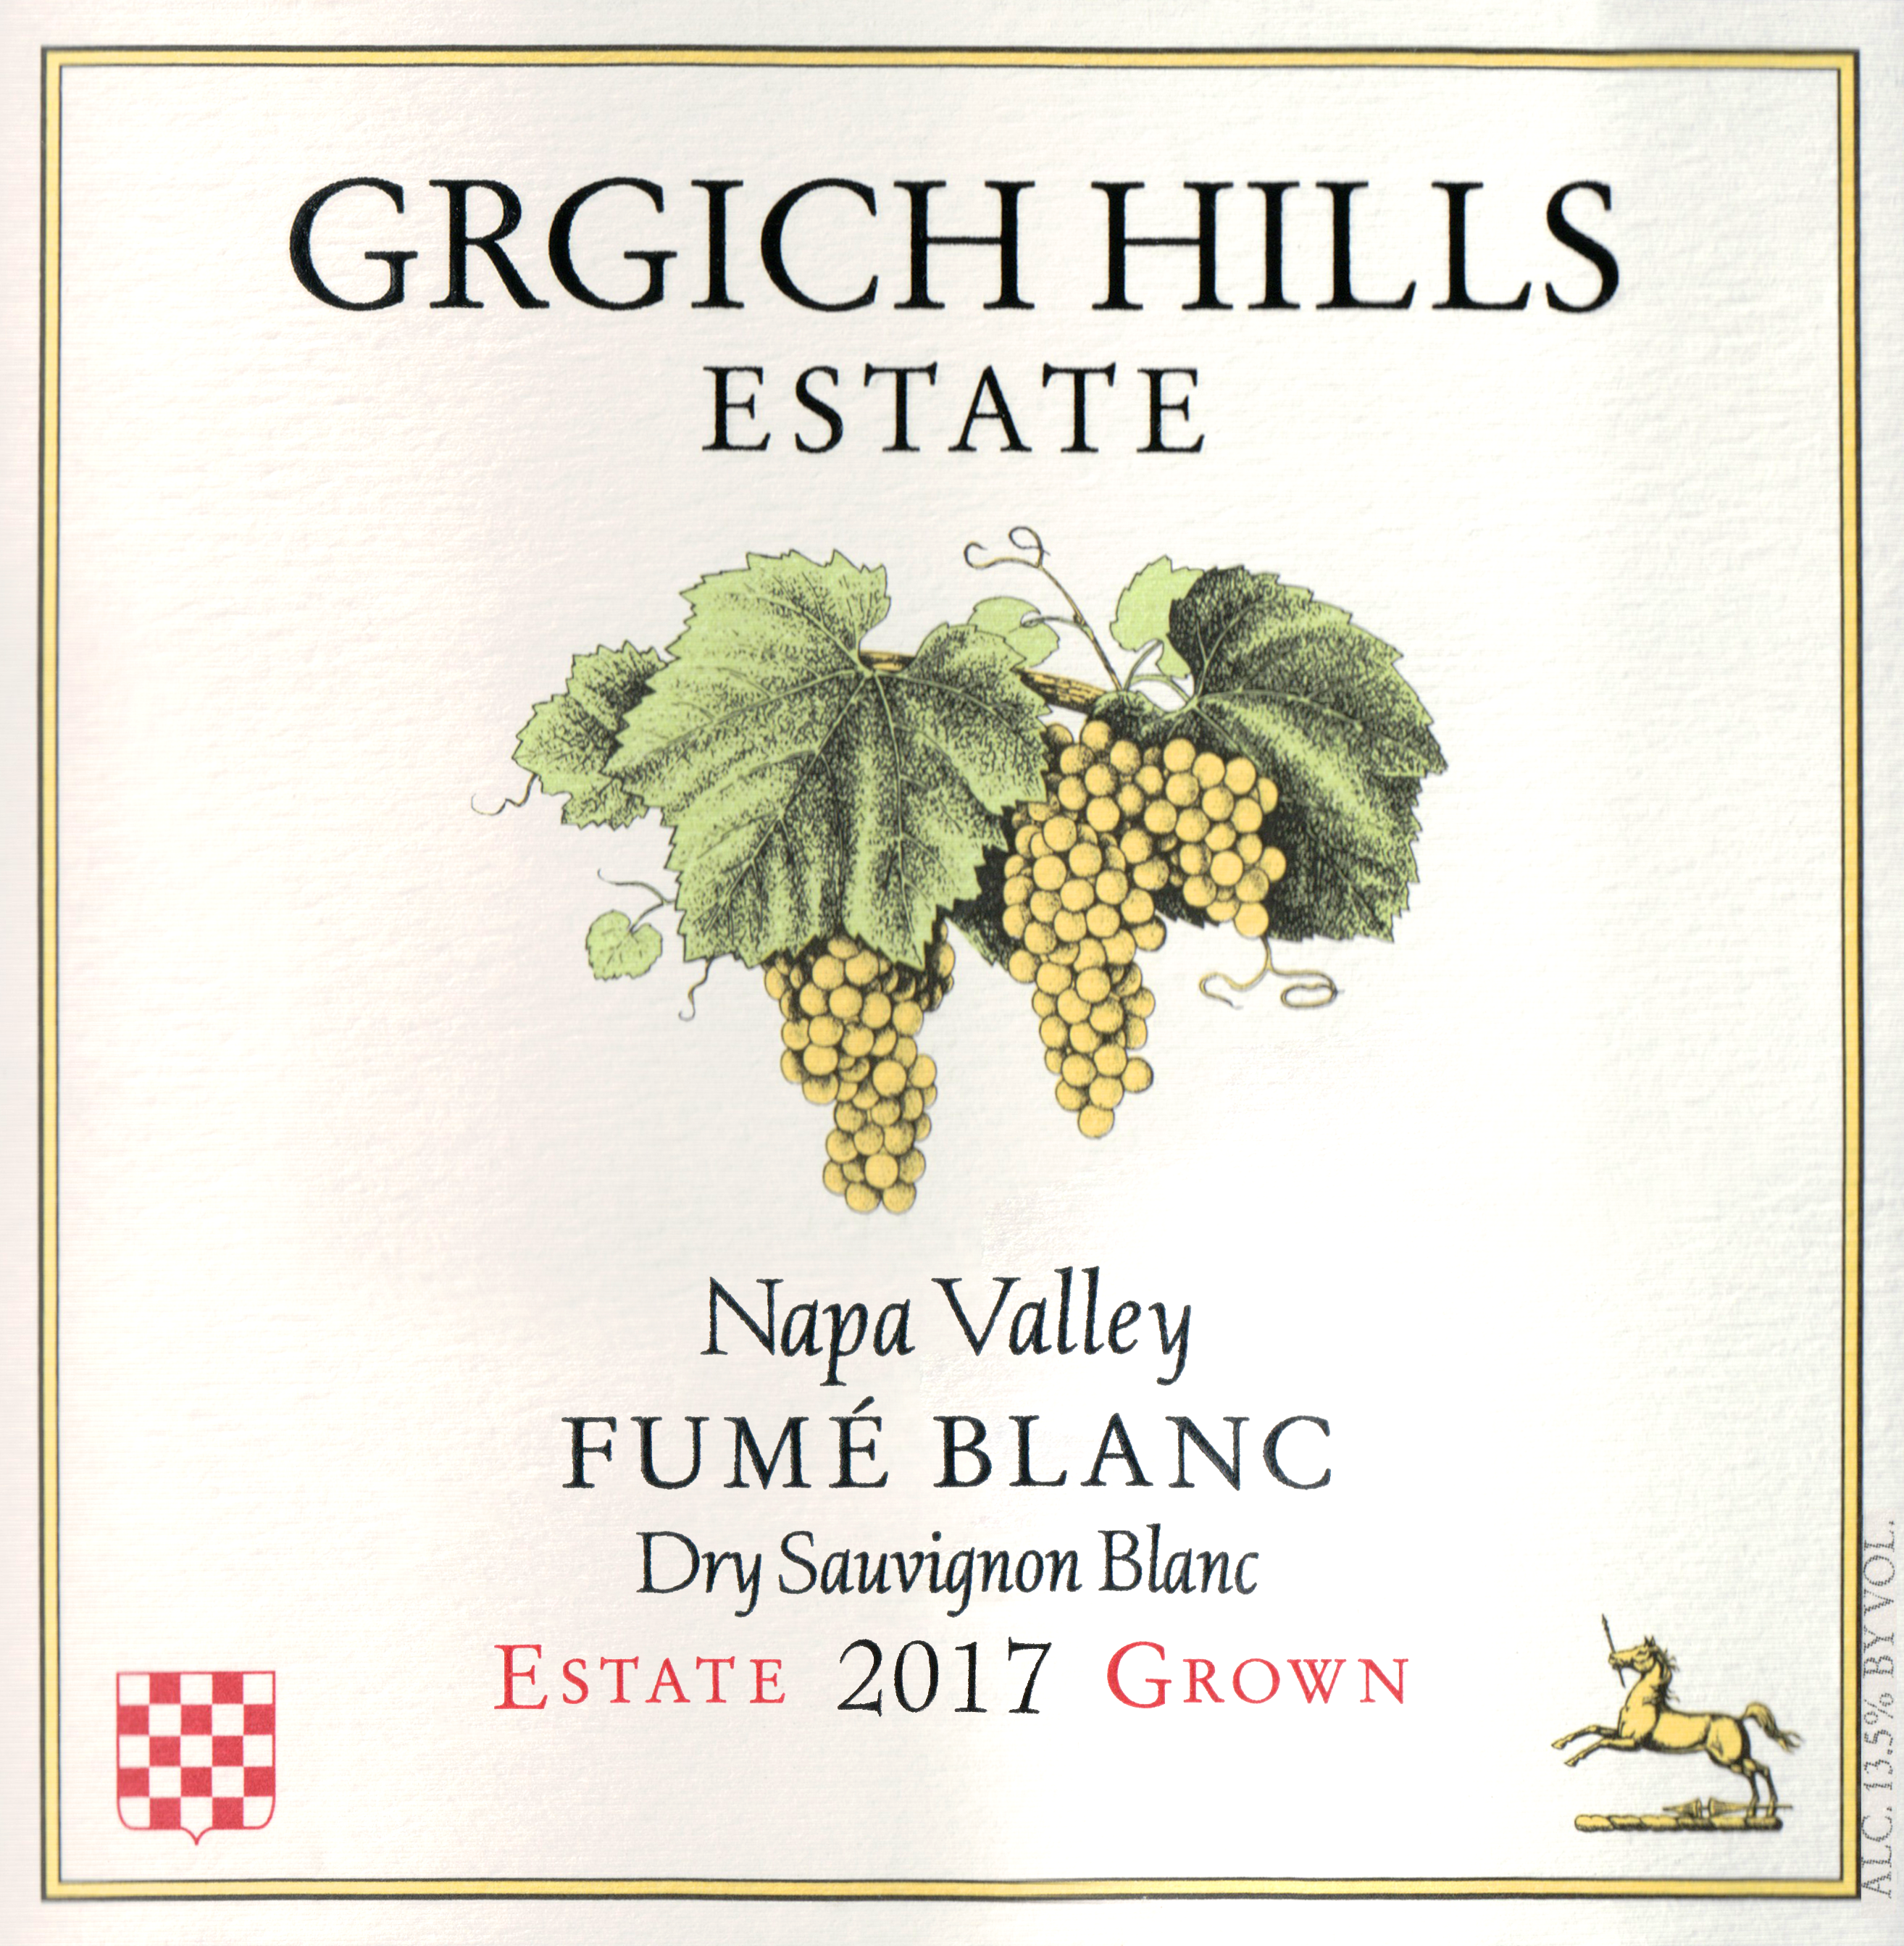 Grgich Hills Fume Blanc 2017